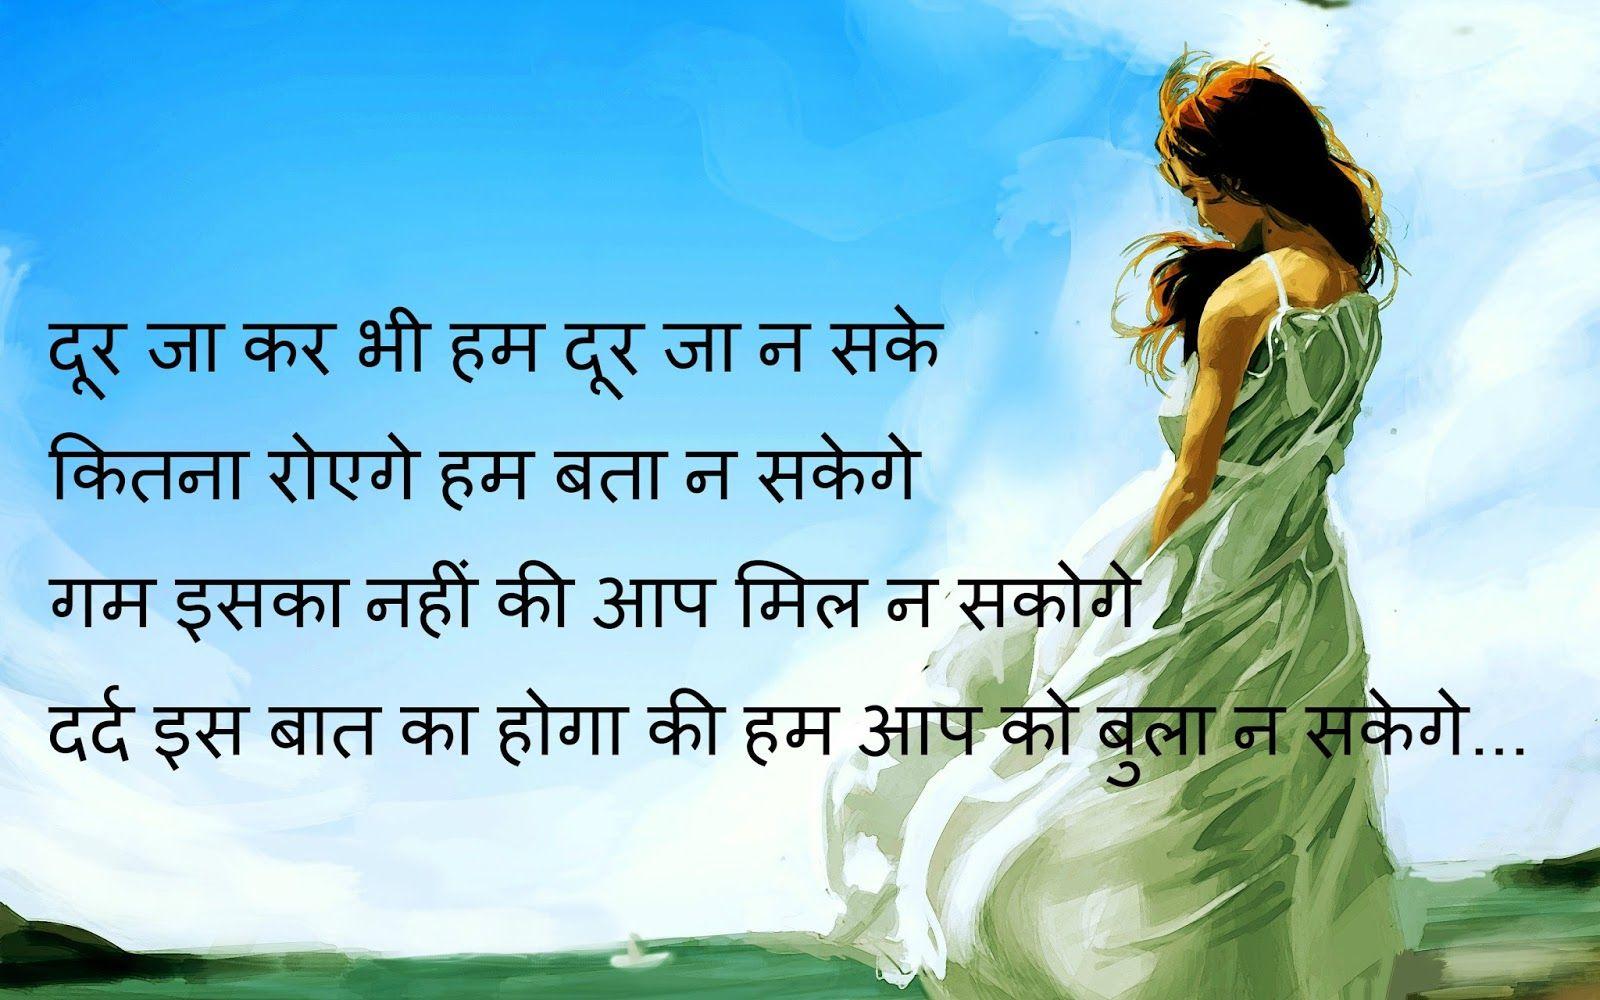 Dard Bhari Shayari With Images Free Download Shayari Image Shayari Photo Whatsapp Images Hd Love sad shayari hd wallpaper download